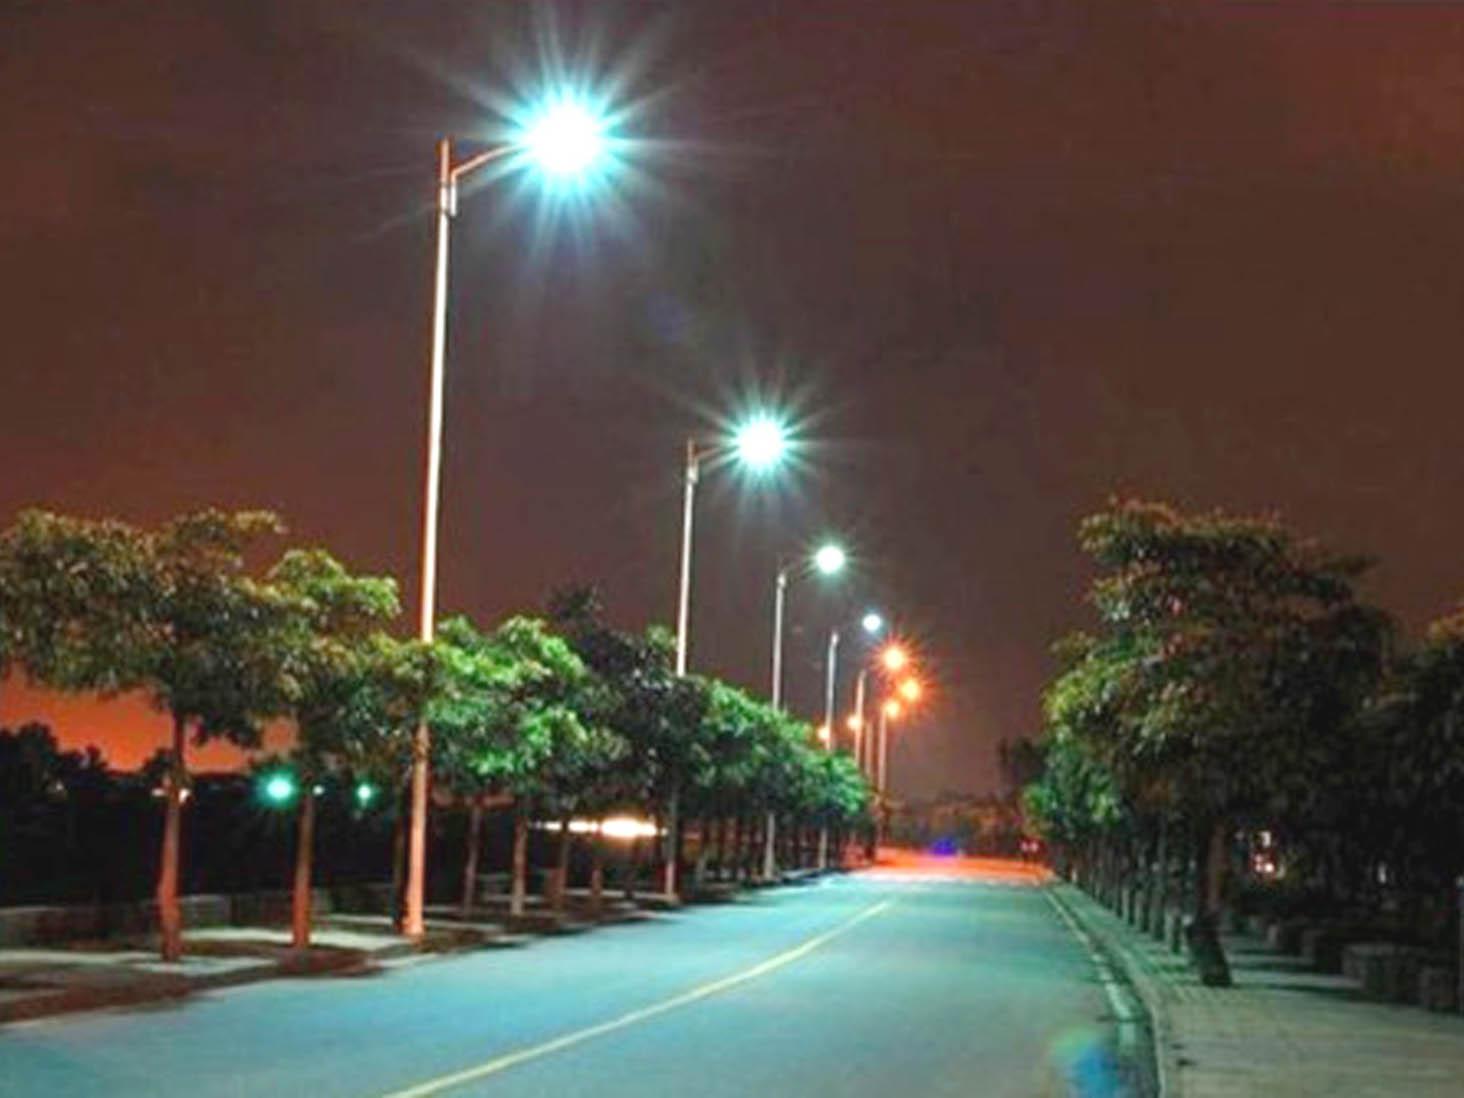 甘肃路灯安装-甘肃朗坤照明提供兰州地区有品质的兰州太阳能路灯